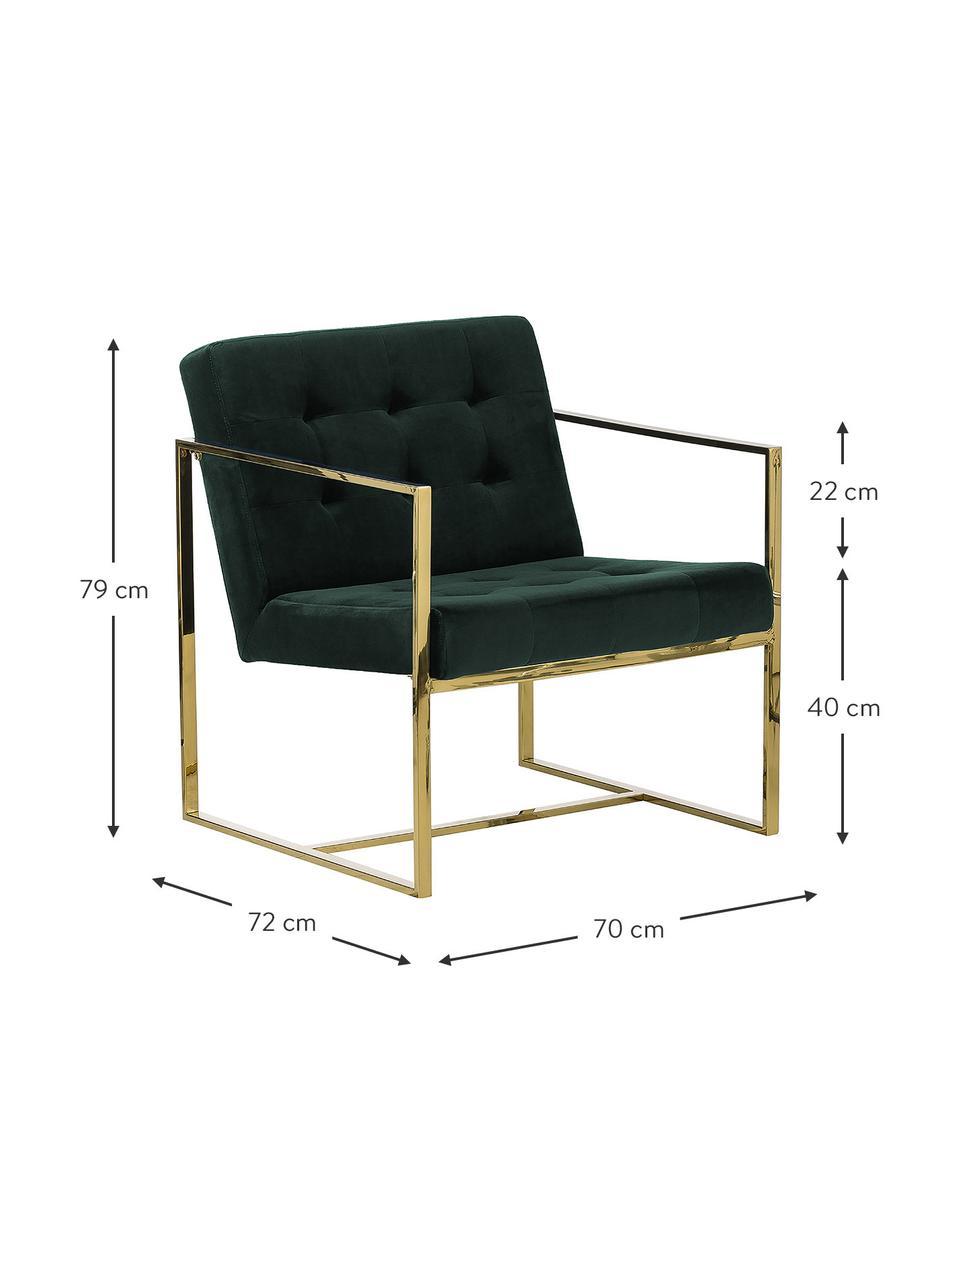 Sedia a poltrona in velluto verde Manhattan, Rivestimento: velluto (poliestere) 50.0, Struttura: metallo rivestito, Velluto verde scuro, Larg. 70 x Prof. 72 cm